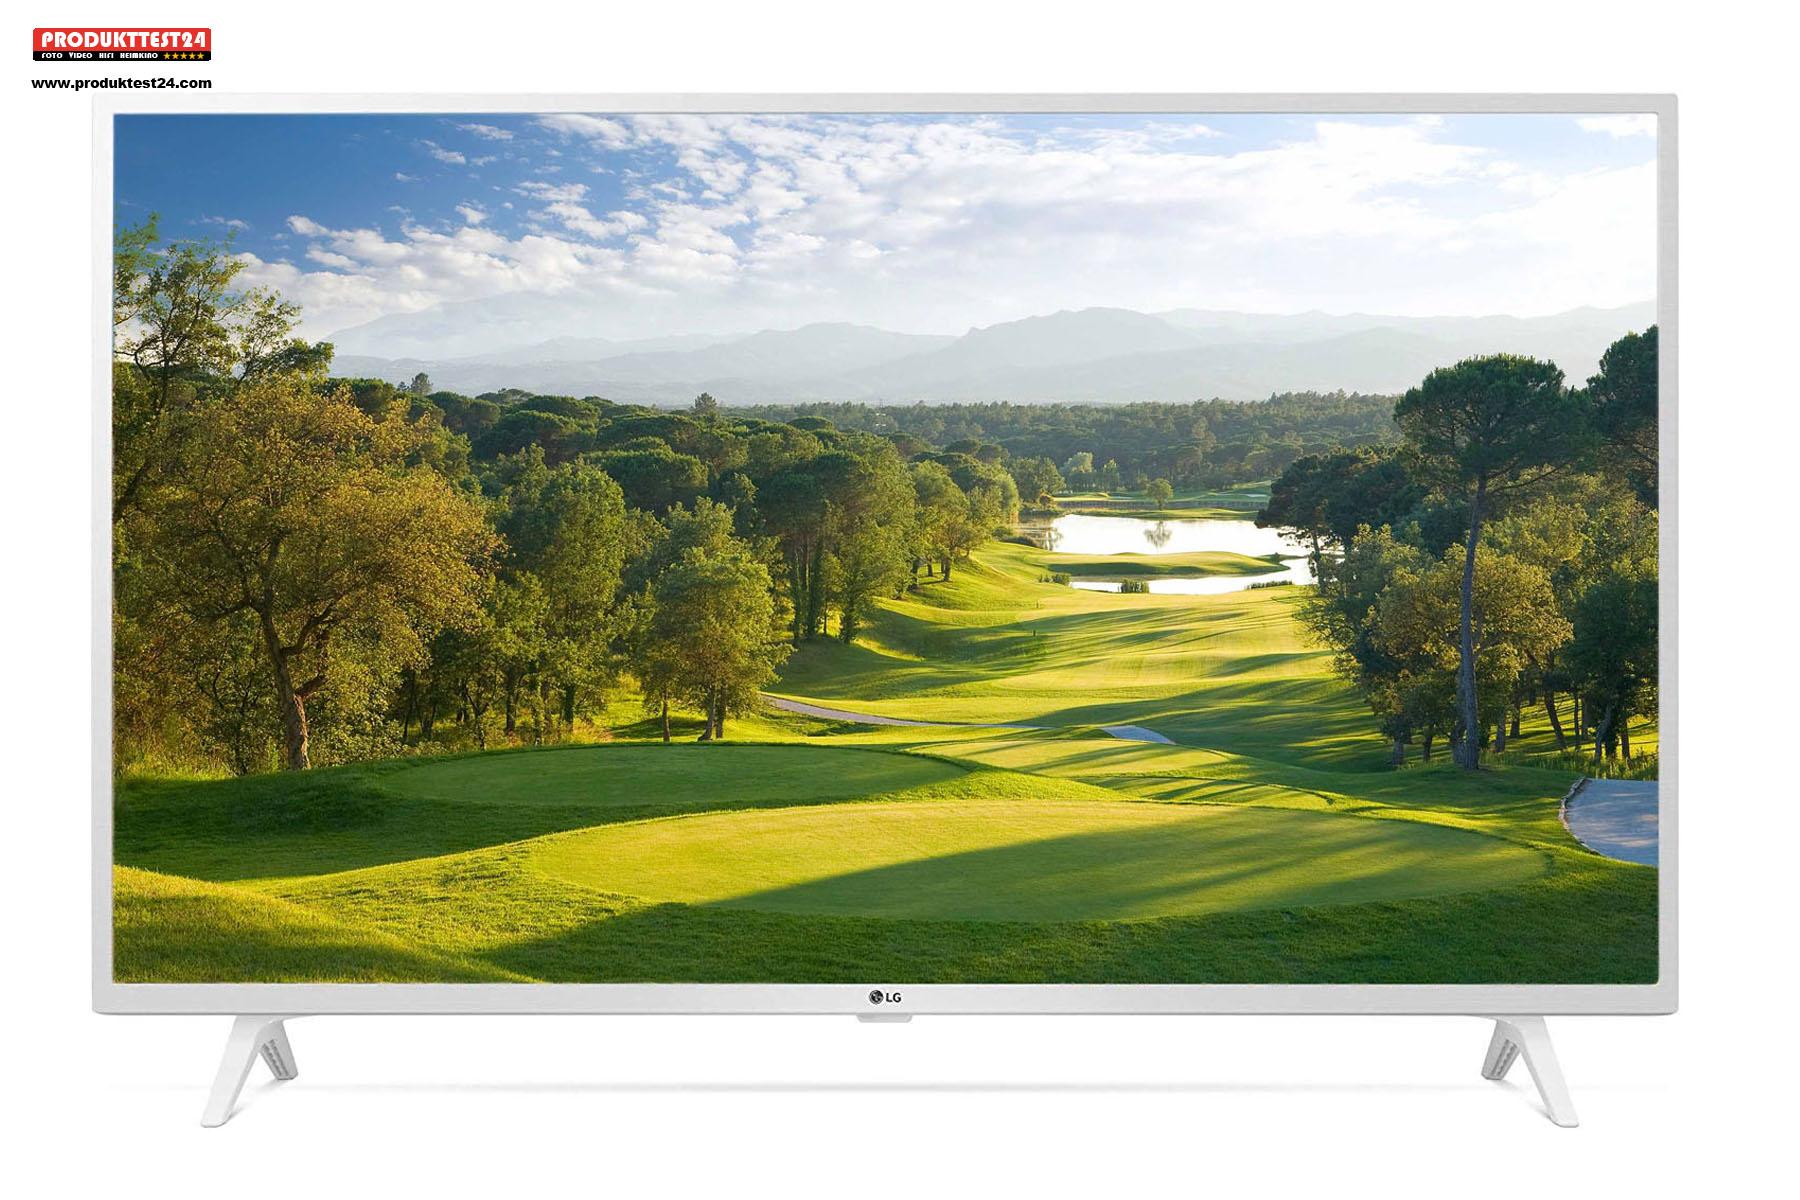 Der weiße 43 Zoll UHD 4K-Fernseher von LG